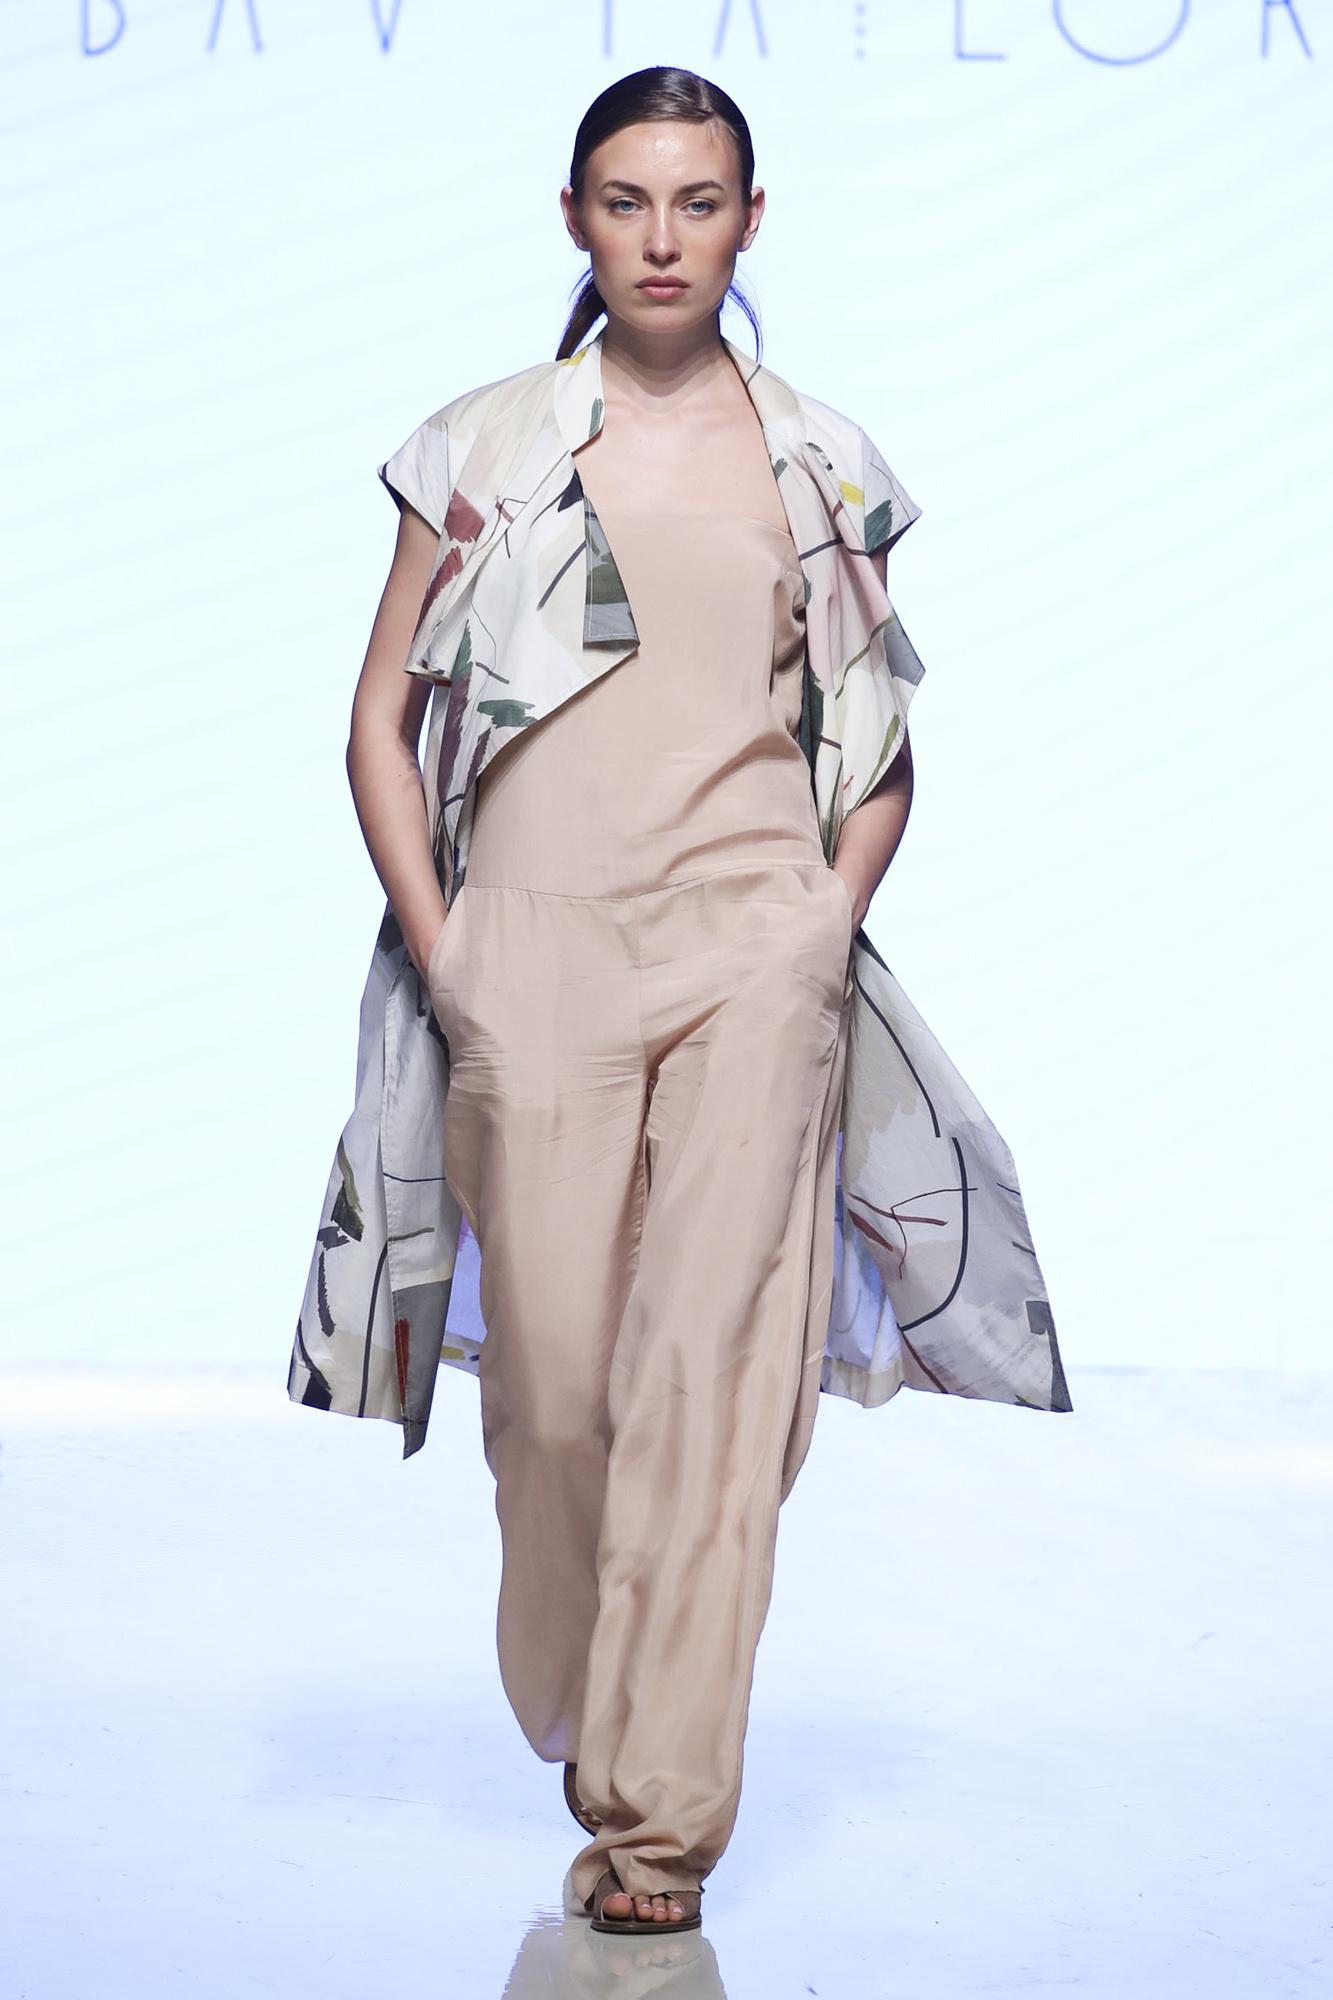 Bav Tailor fashion show, Arab Fashion Week collection Spring Summer 2020 in Dubai